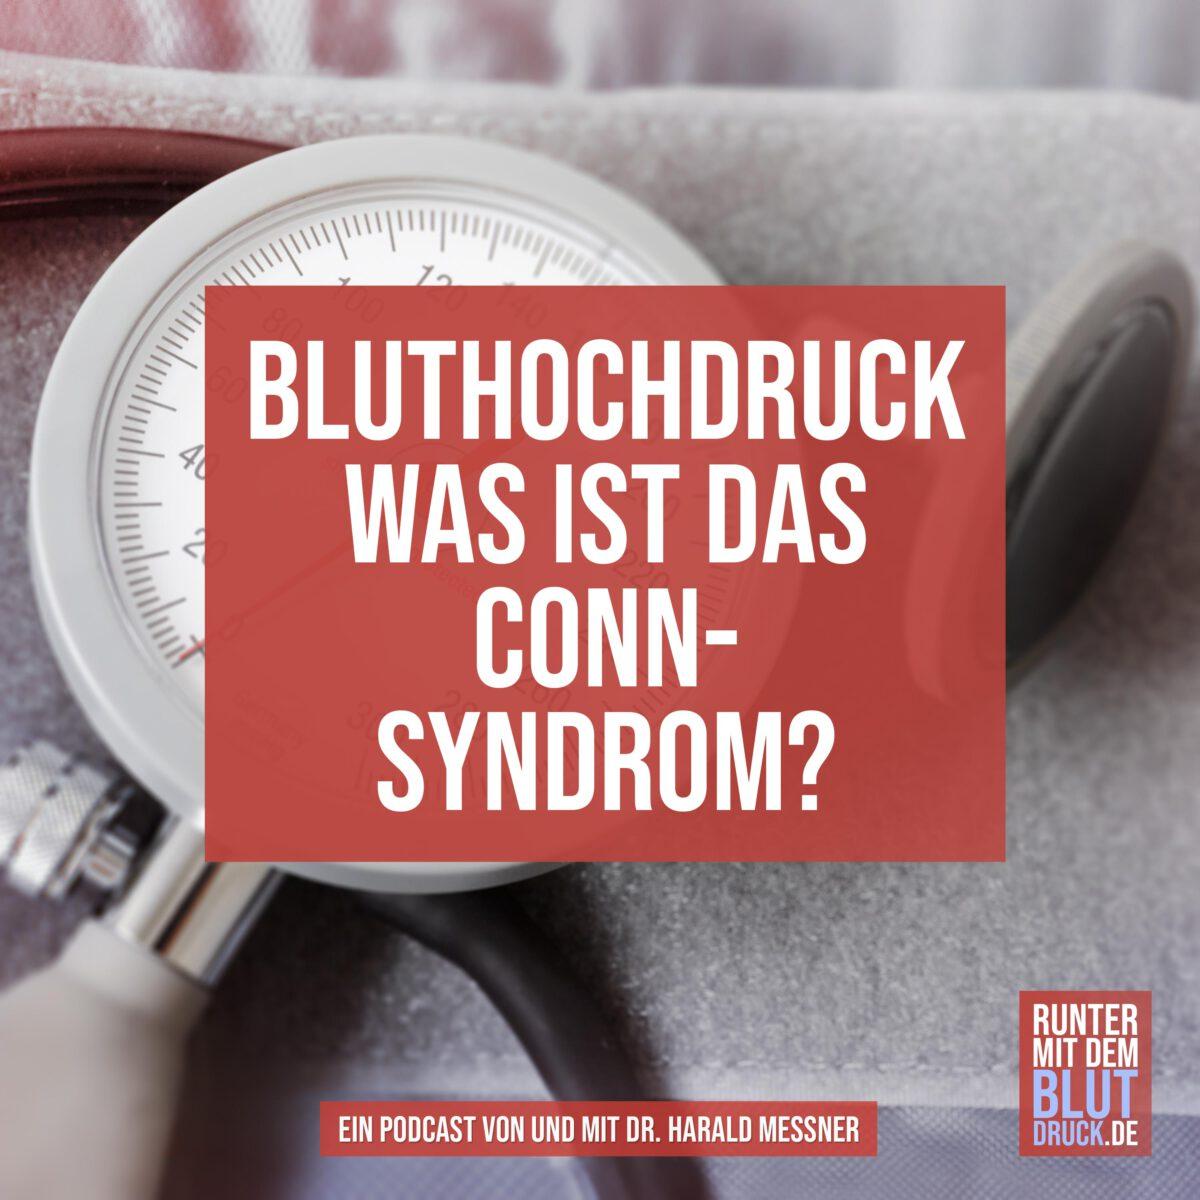 Bluthochdruck und Conn Syndrom